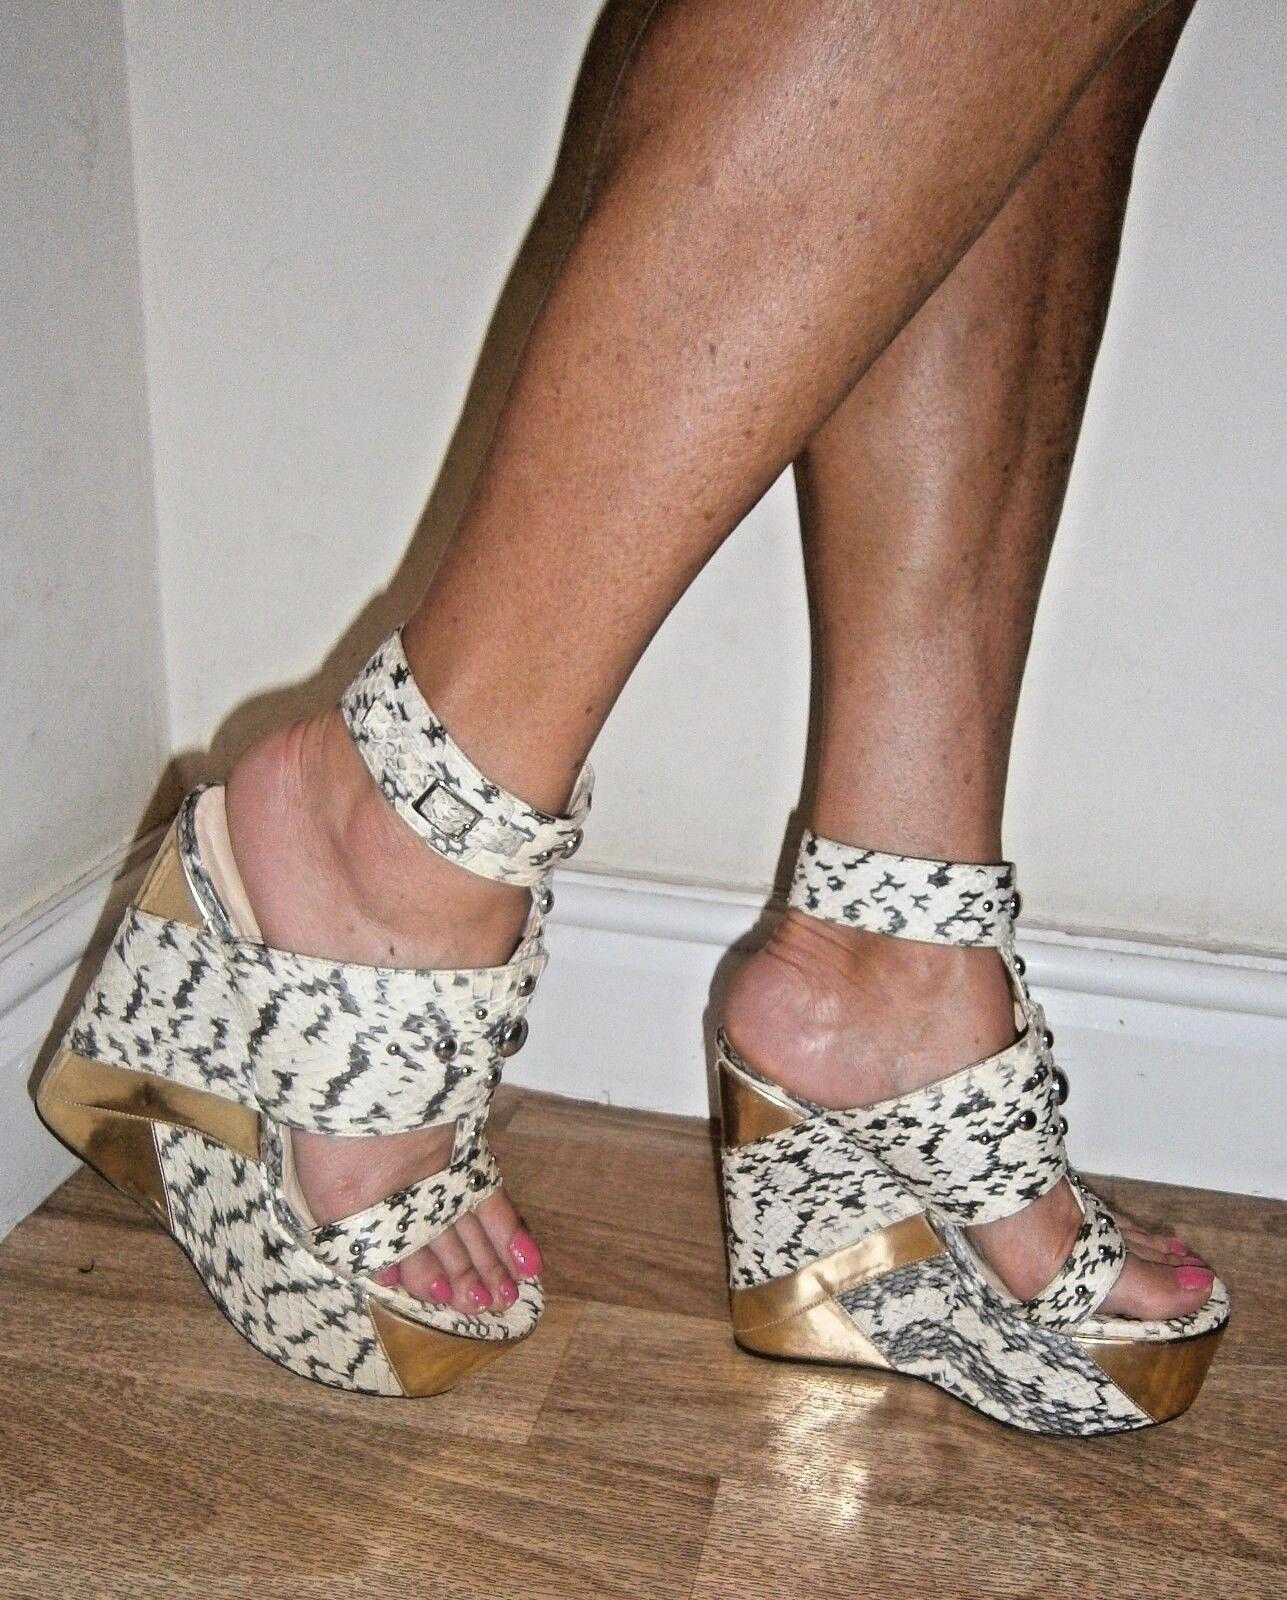 Jimmy Choo Luxury Designer Snakeskin Wedges Size UK 6